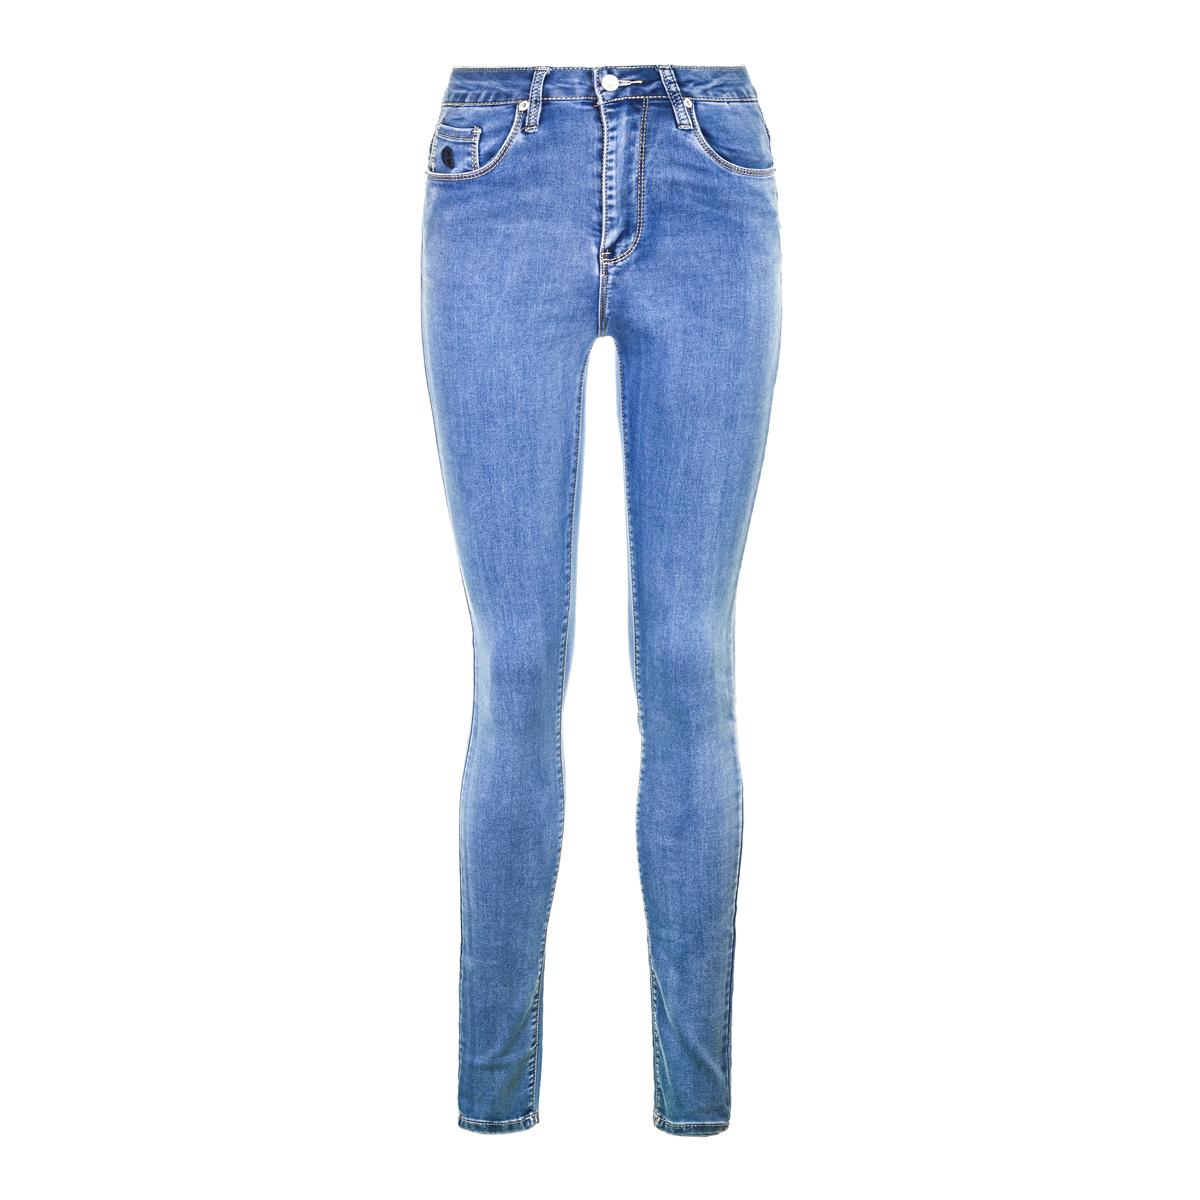 Жен. джинсы арт. 12-0086 Голубой р. 29